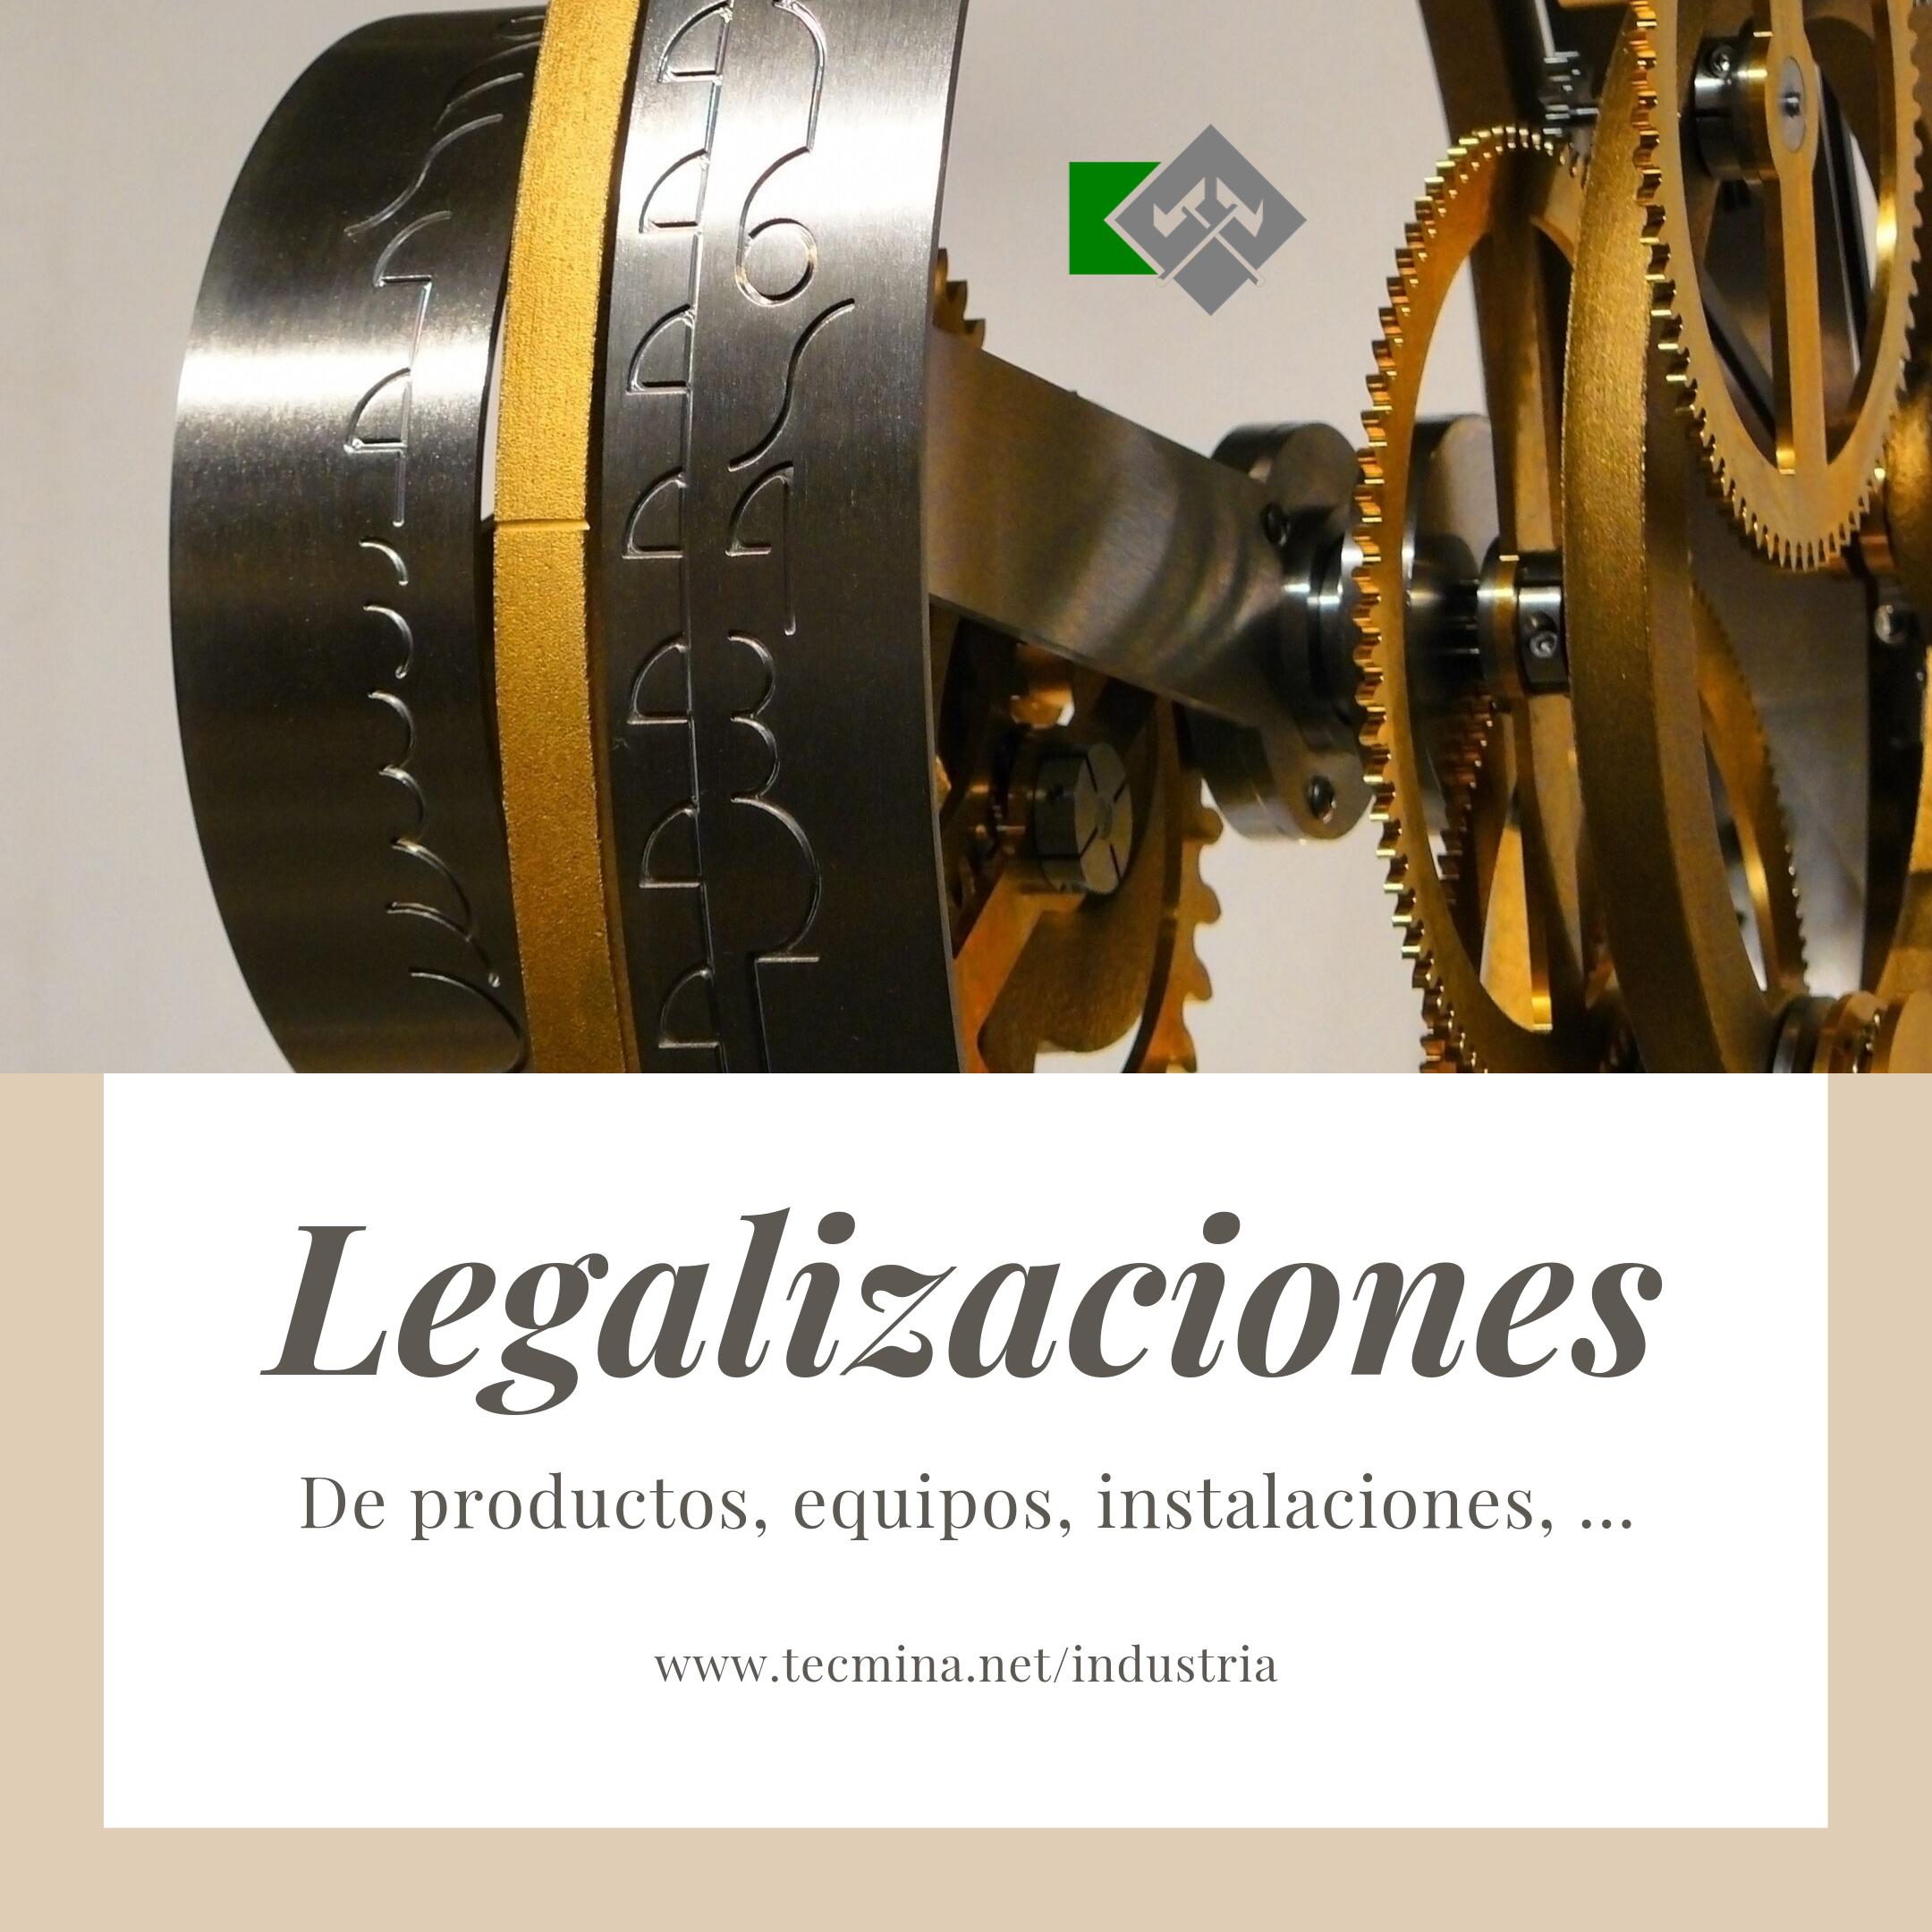 LEGALIZACIONES